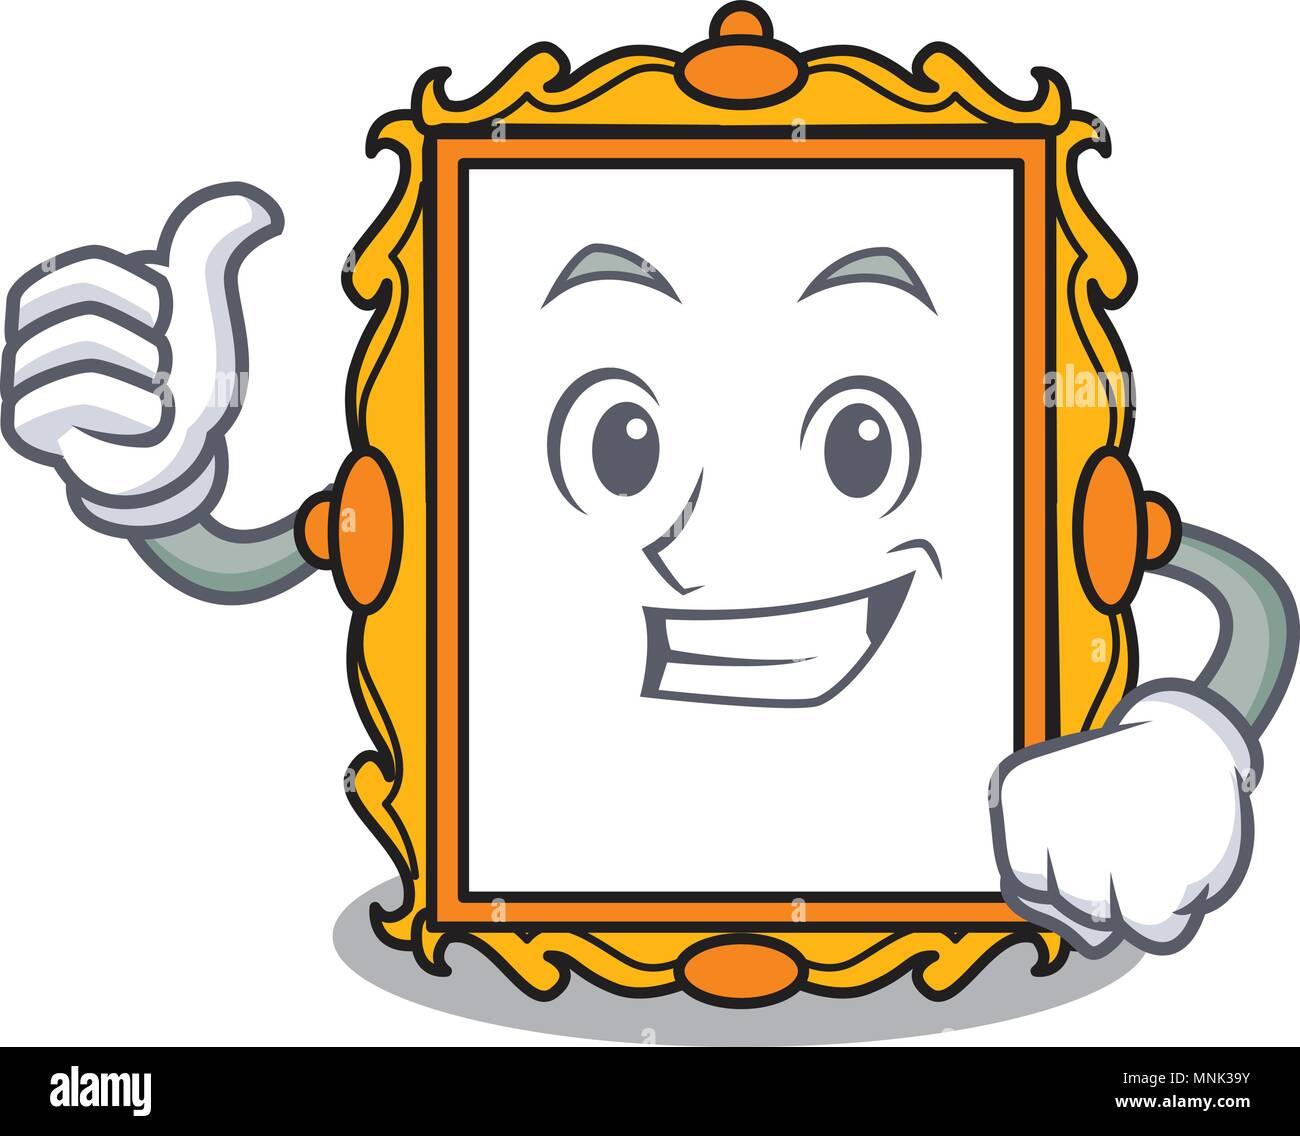 Funny Frame Stockfotos & Funny Frame Bilder - Seite 17 - Alamy